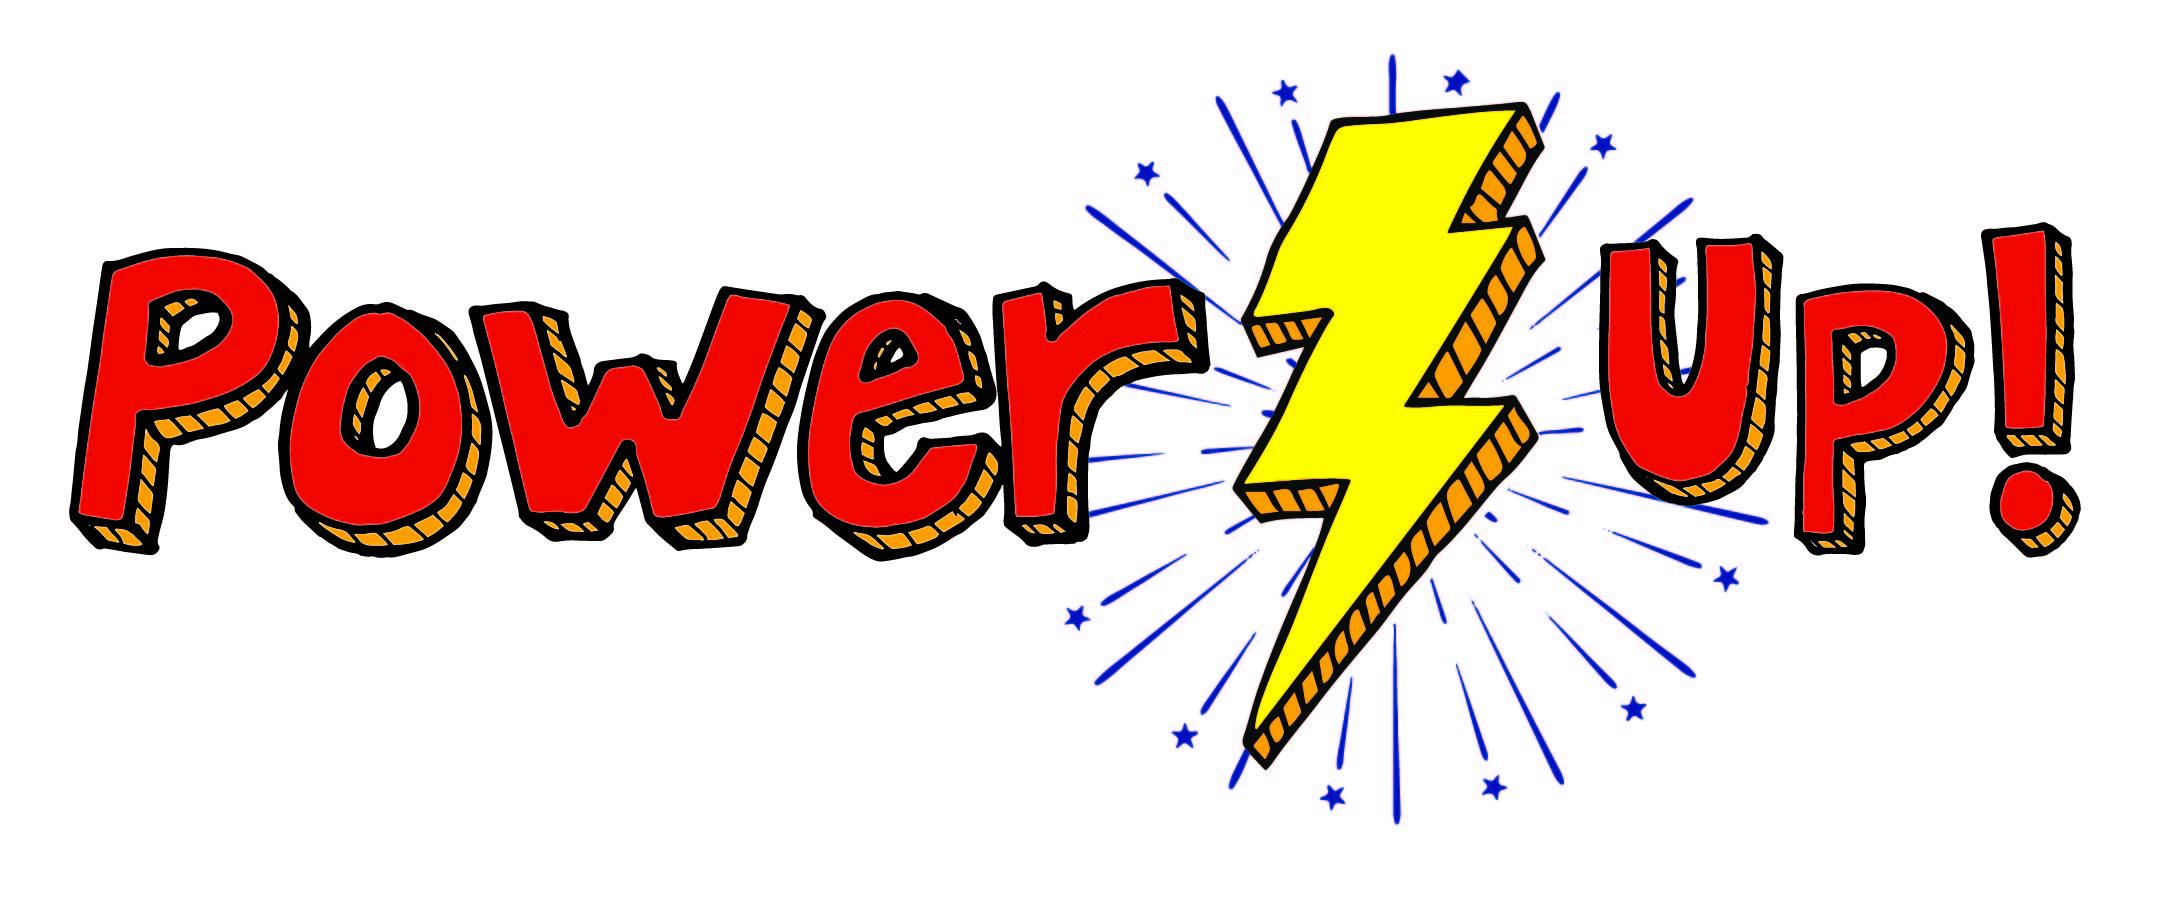 38525_tulen_powerup_logo_final-01.jpg